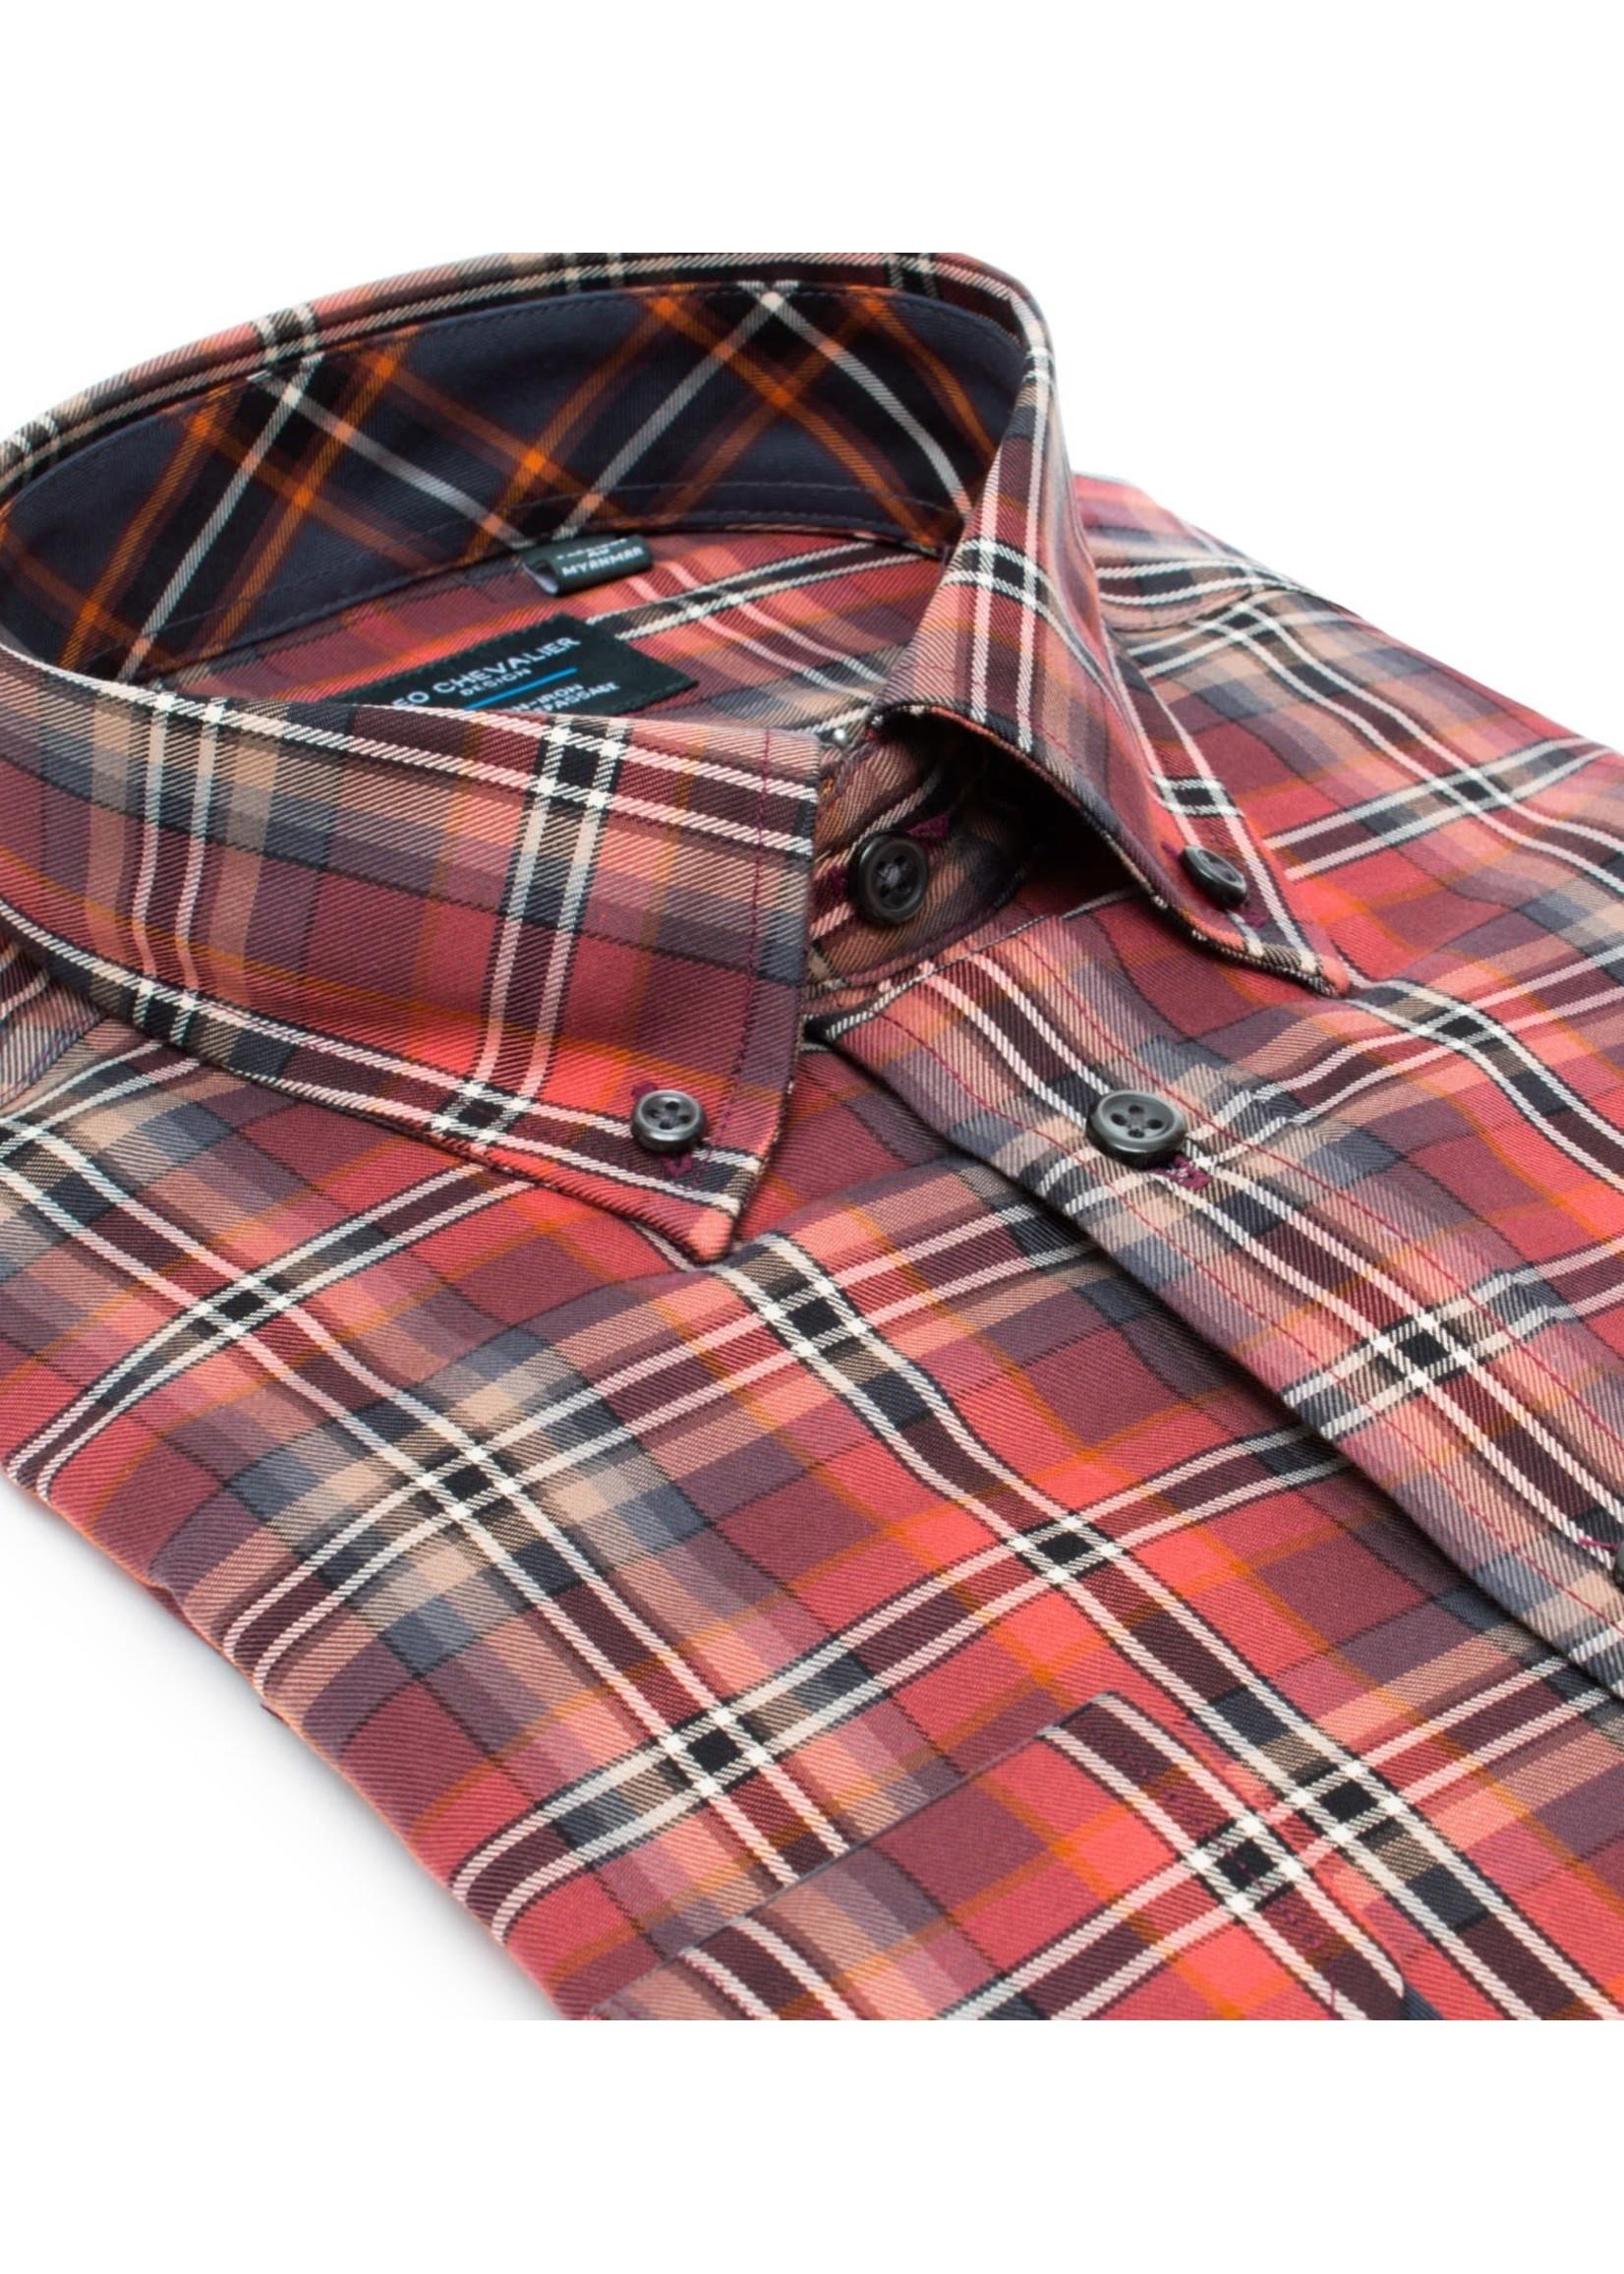 Leo Chevalier Leo Chevalier - Men's L/S 100% Cotton Non Iron Button Down Collar